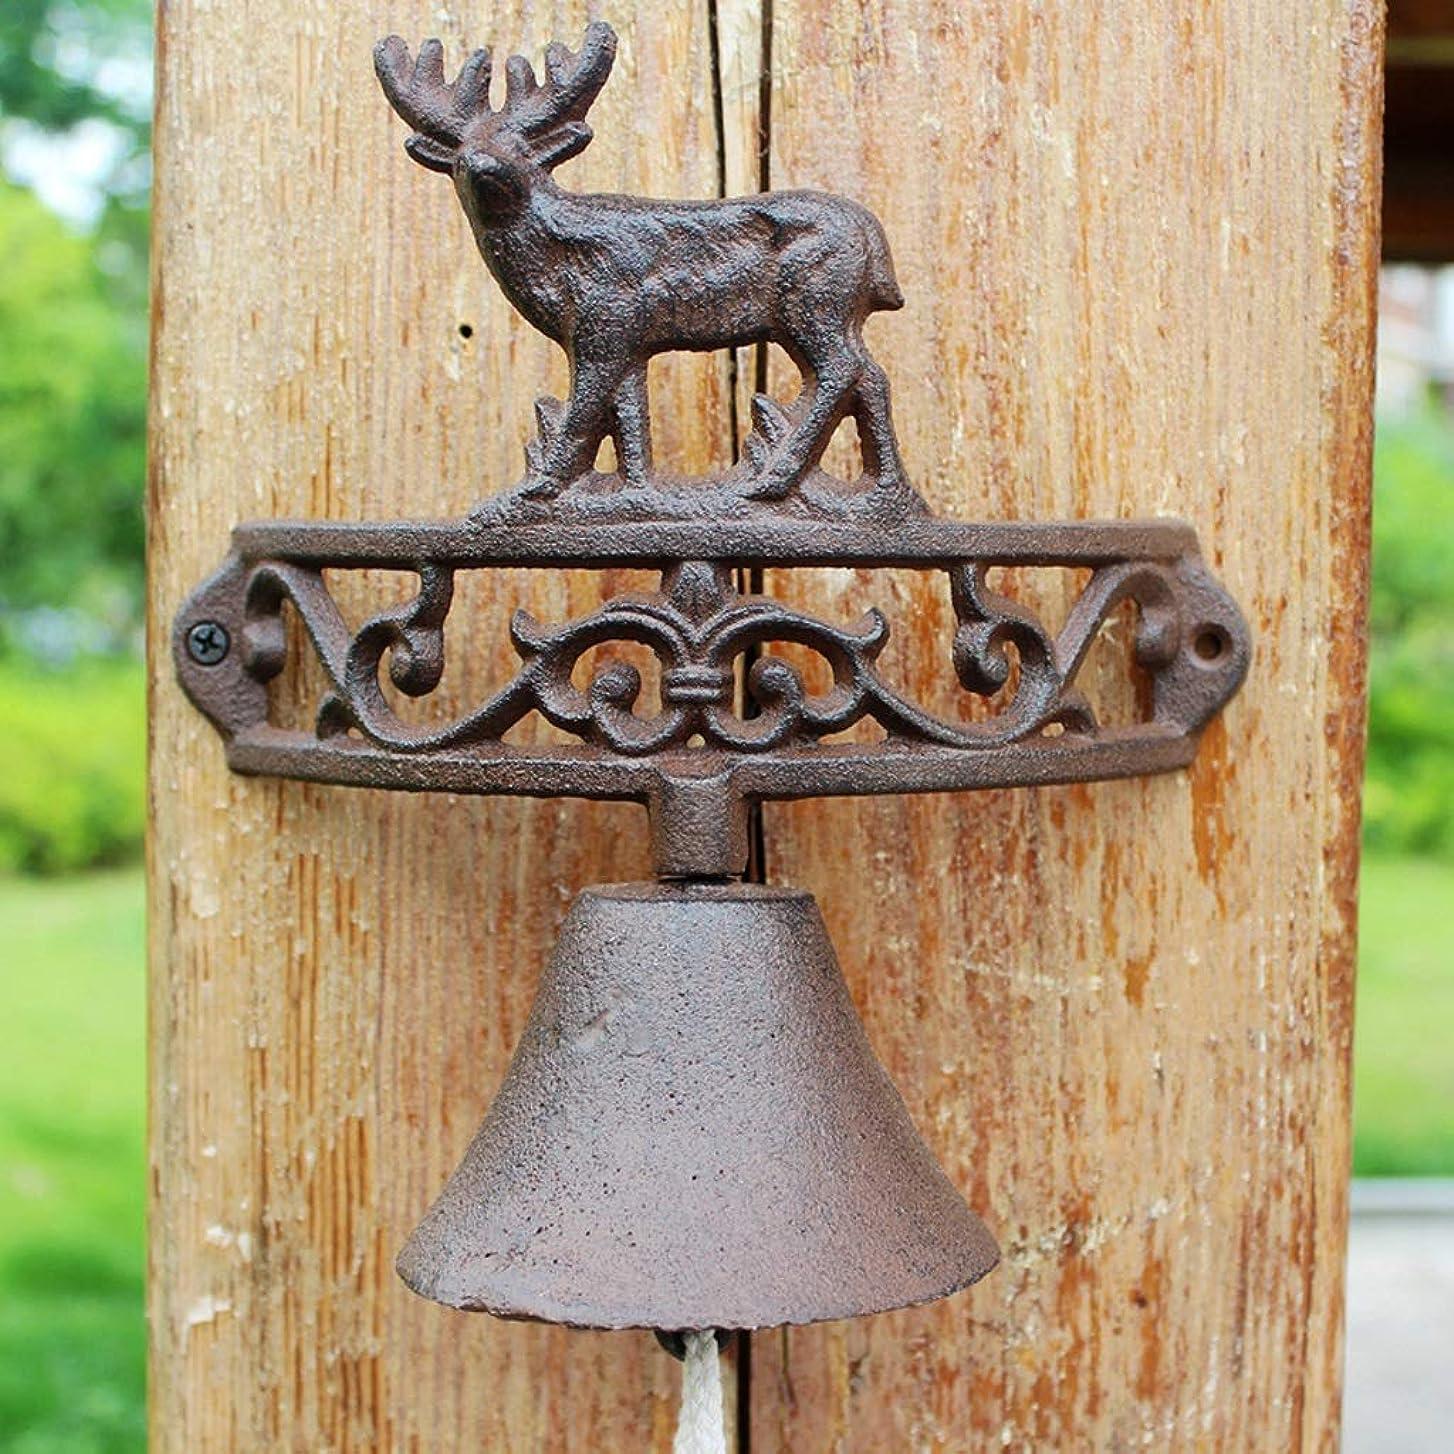 統計反対にラベルCXQ ヨーロッパスタイルの国牧歌的なレトロなノスタルジックな錬鉄製エルクドアベル鋳鉄の鐘